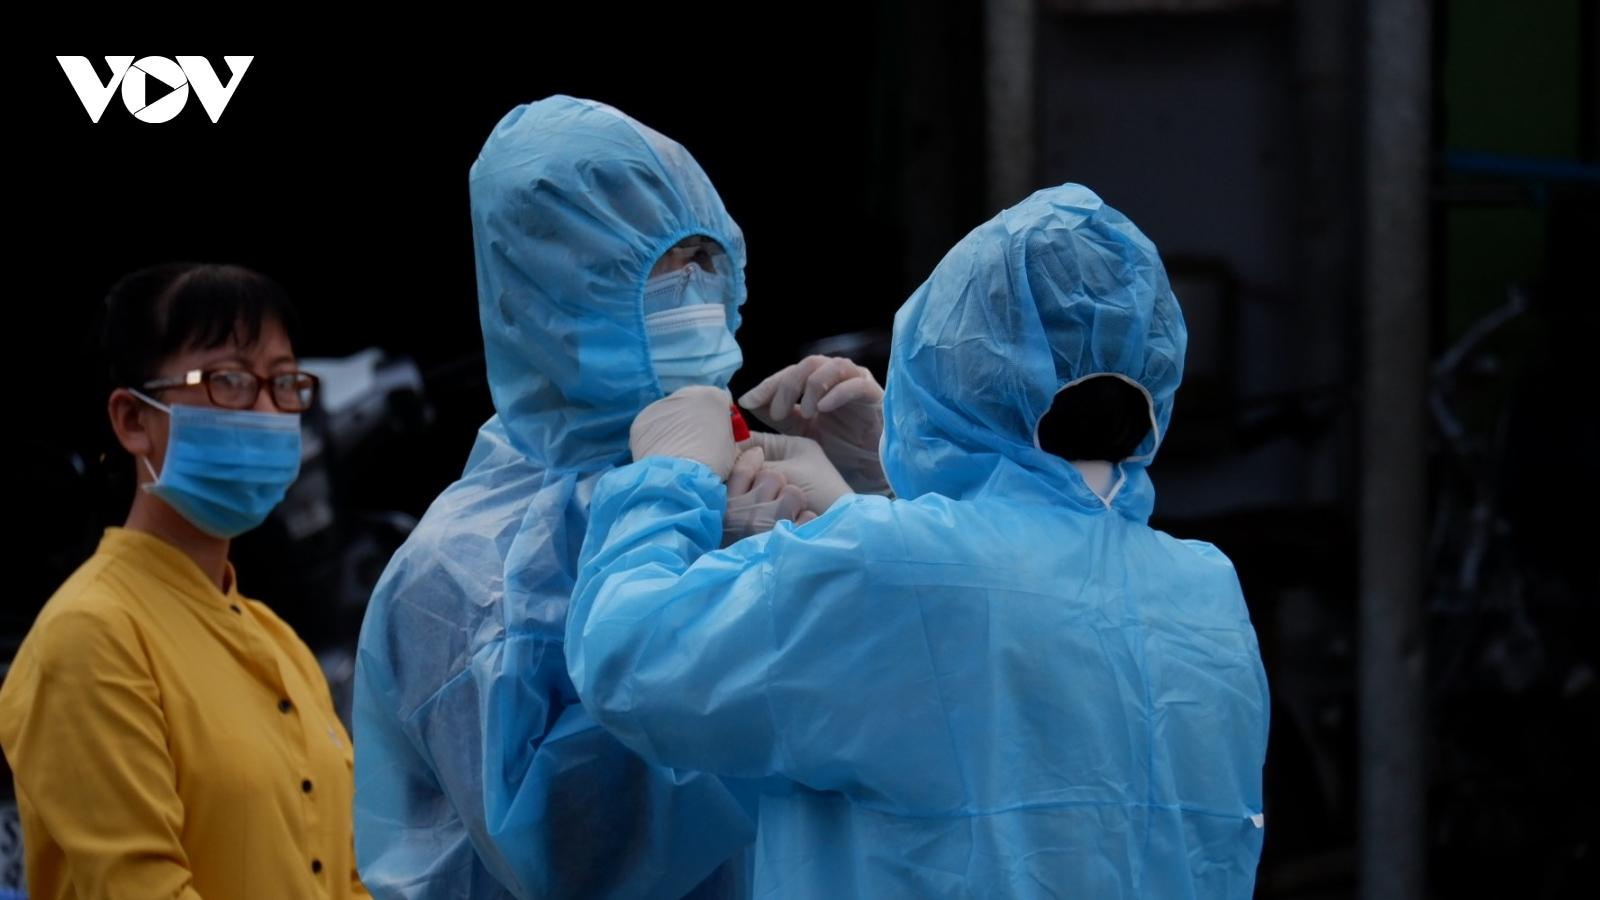 TP.HCM thay đổi phương thức xét nghiệm, nỗ lực cắt đứt đường lây nhiễm Covid-19